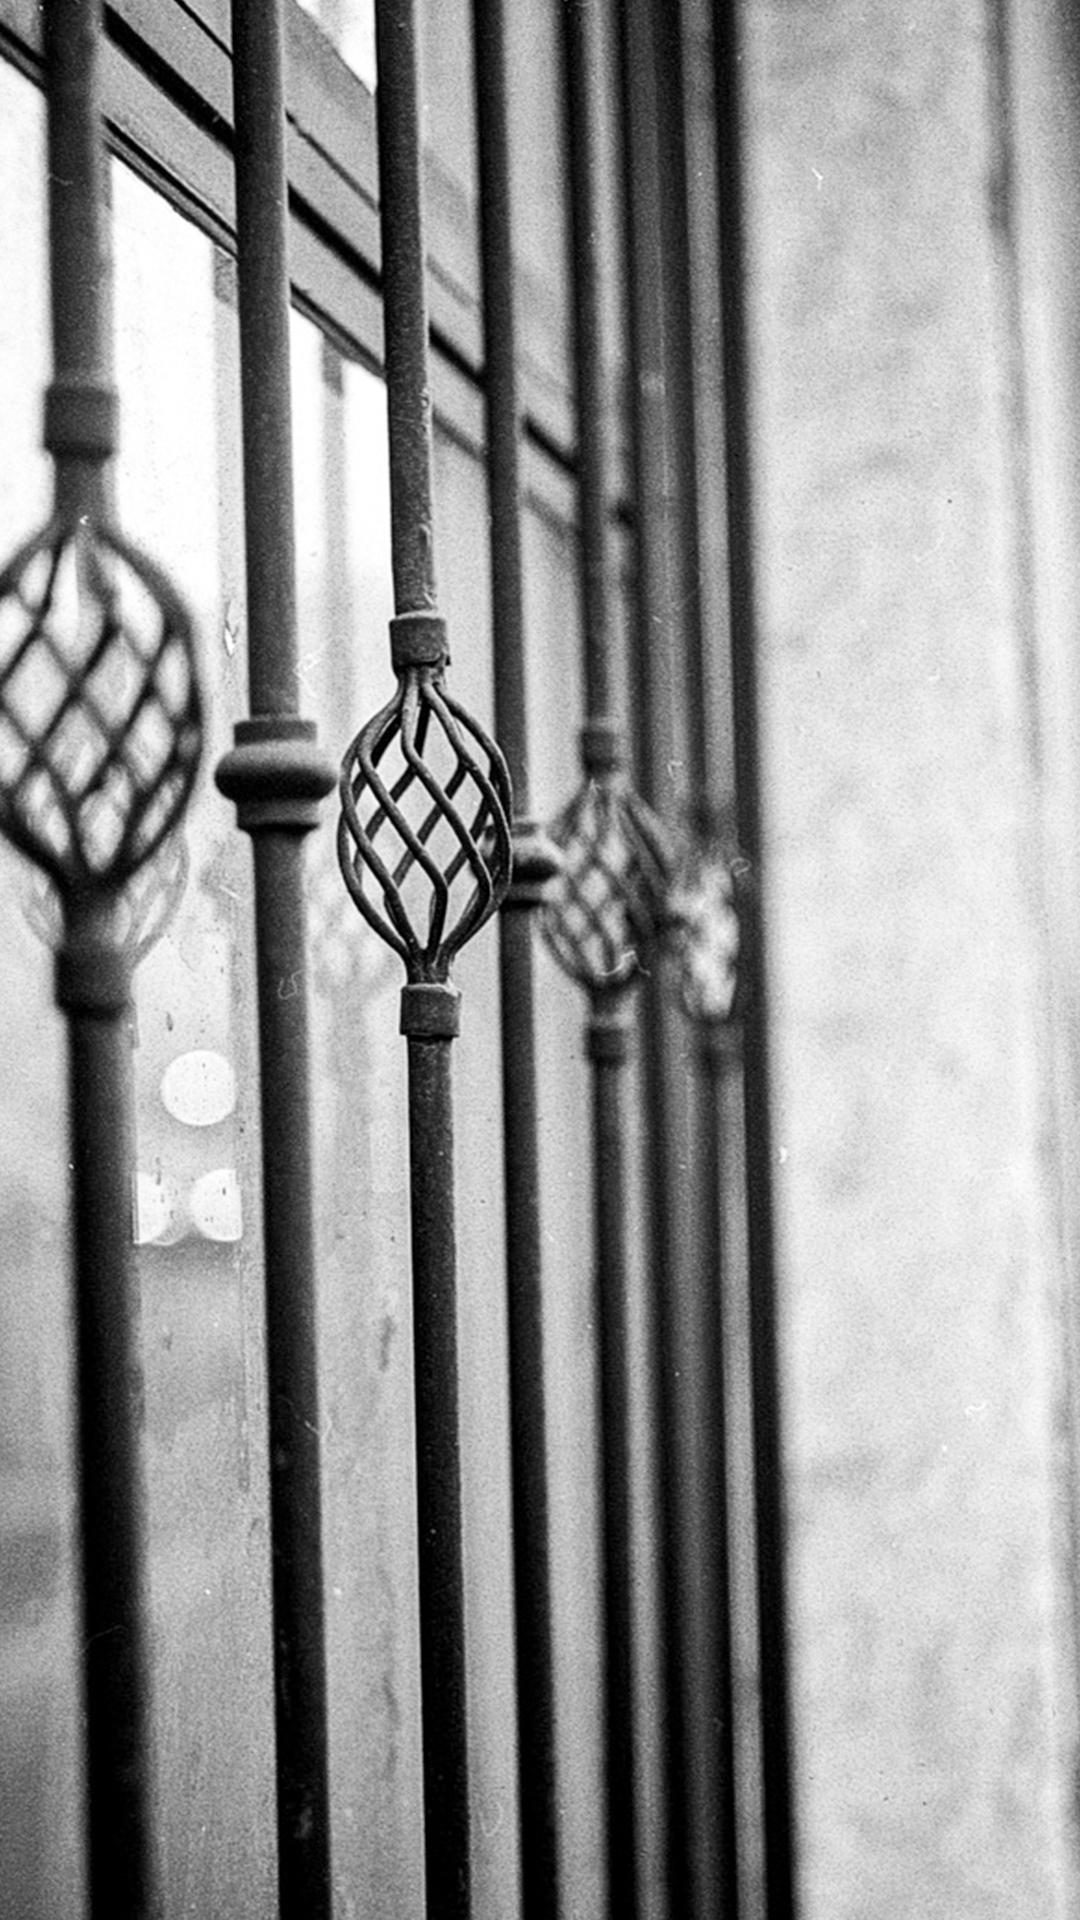 Кованые элементы Симферополь, Севастополь - Иранская ковка ... | 1920x1080